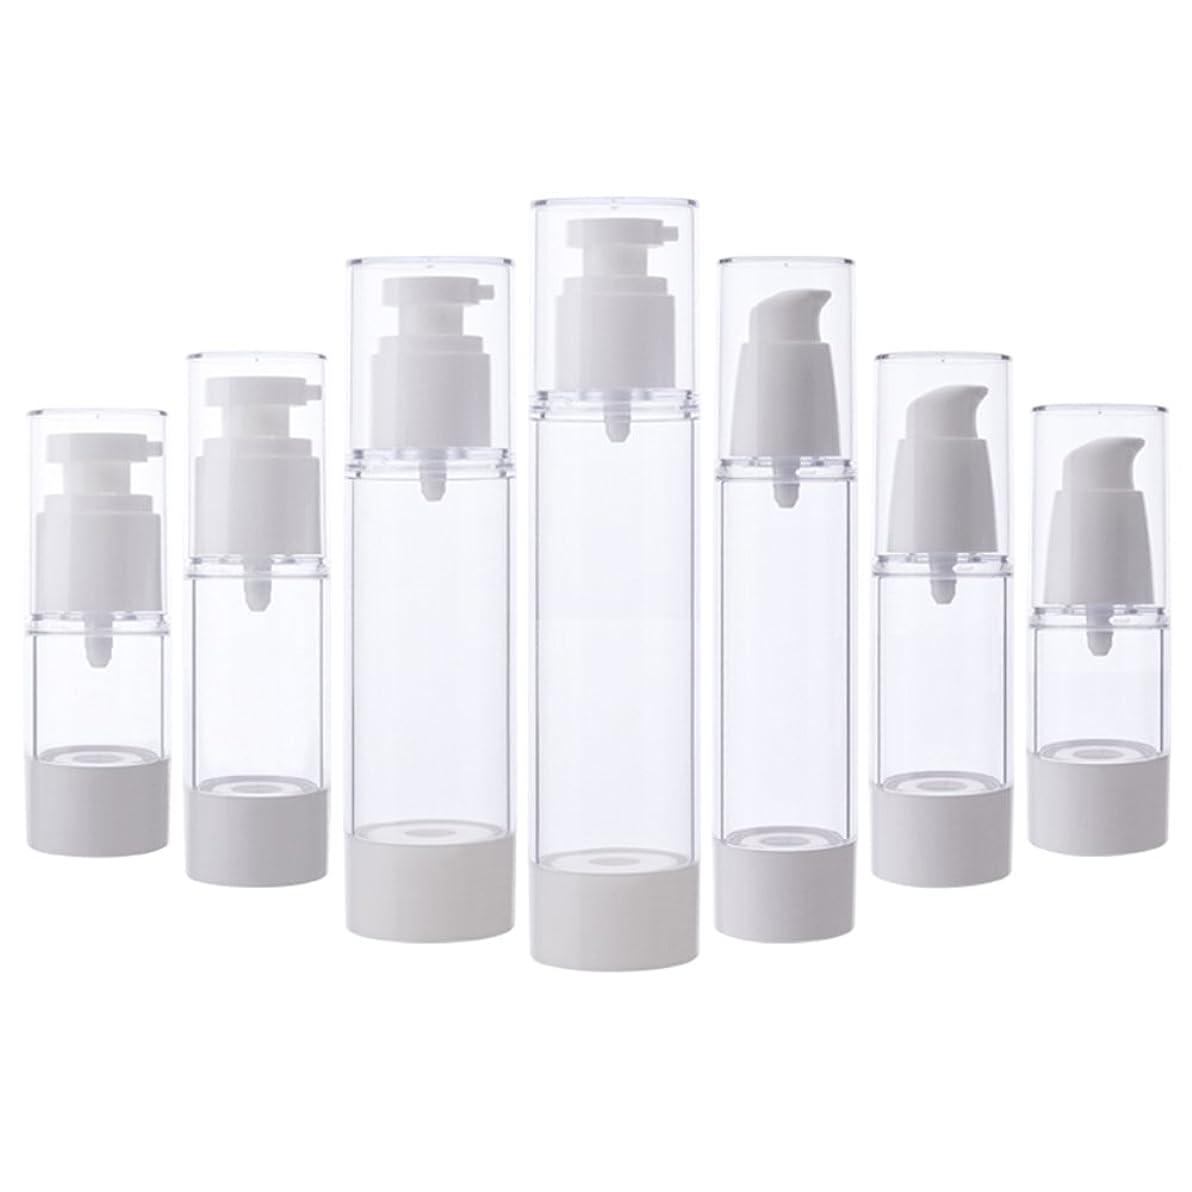 Moobom スプレーガラス瓶ボトル 遮光性ブルー おしゃれガラスアトマイザー 空容器 アトマイザー 香水瓶 遮光瓶 キャップ付き噴霧器  6個セット